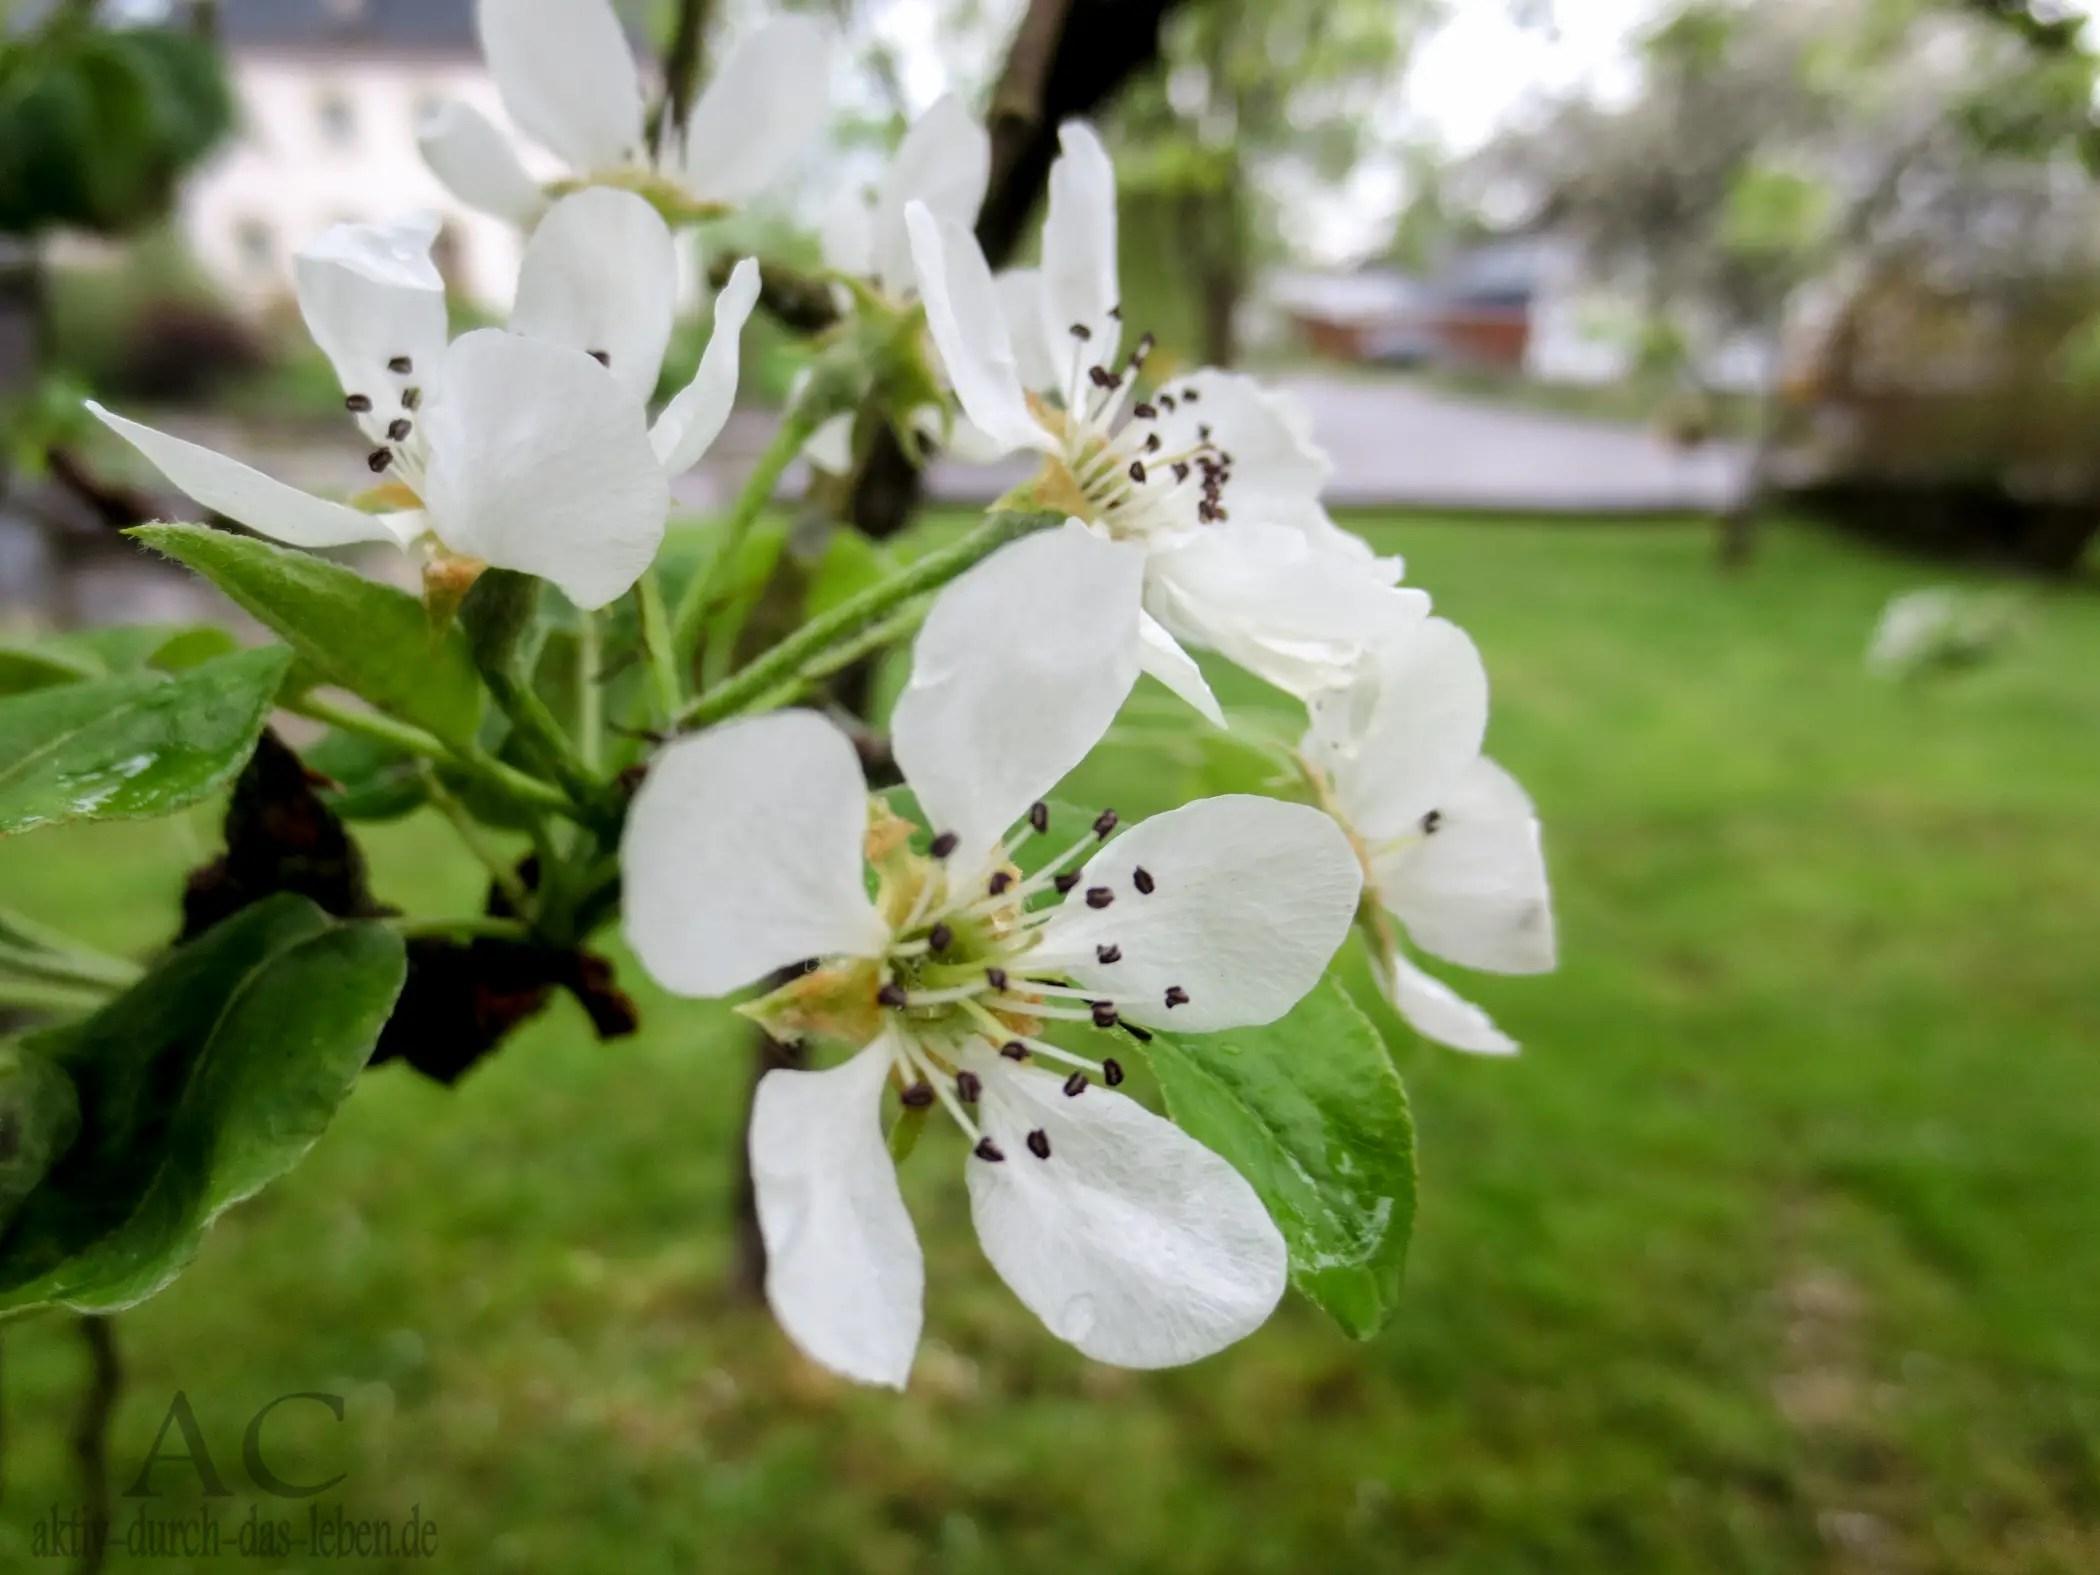 Draßen blühten die Obstbäume - ideal für die Bienstöcke im Garten